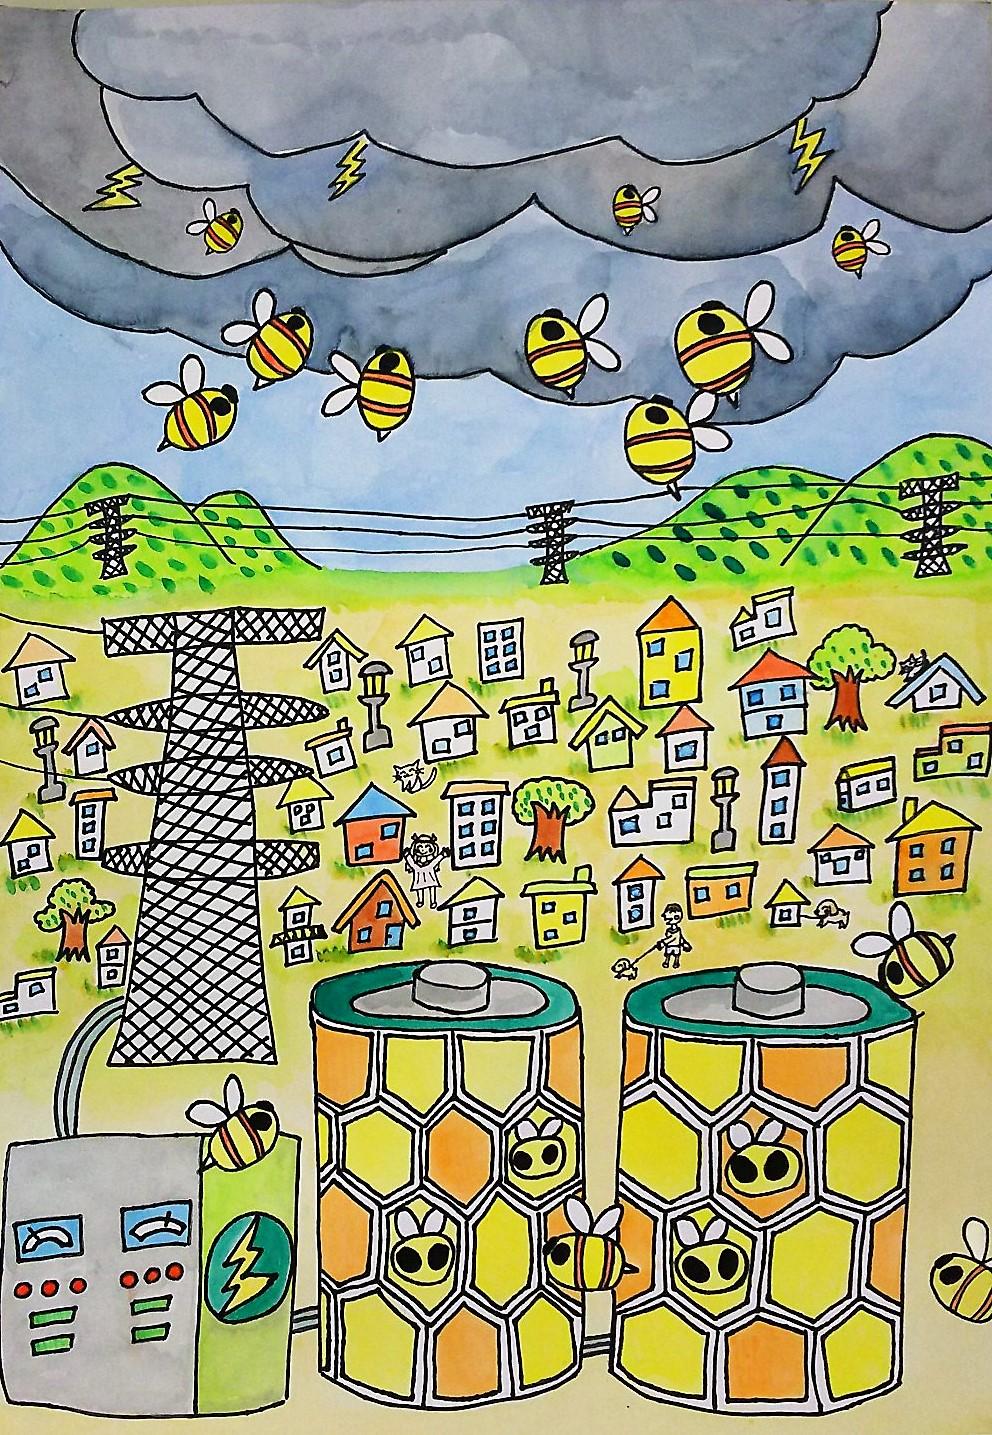 【作品写真:落雷を防ぐミツバチロボット】